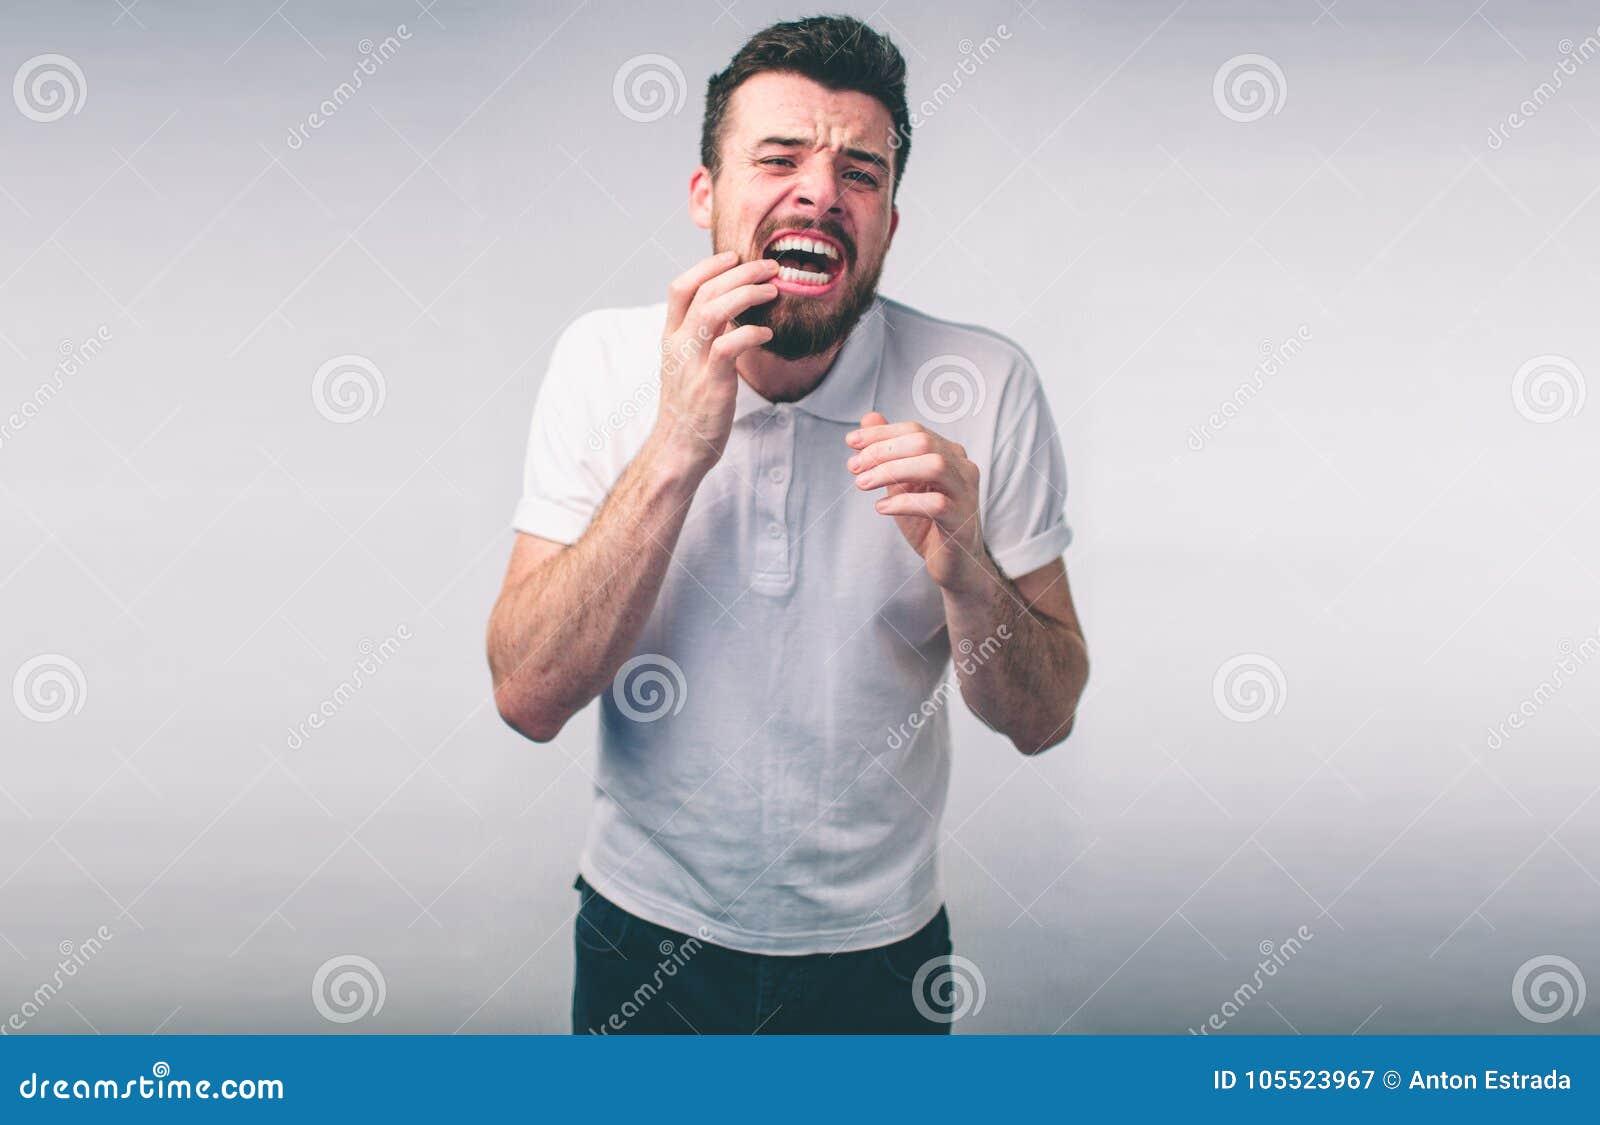 Πρόβλημα δοντιών Άτομο που αισθάνεται τον πόνο δοντιών Κινηματογράφηση σε πρώτο πλάνο του γενειοφόρου αγοριού που πάσχει από τον